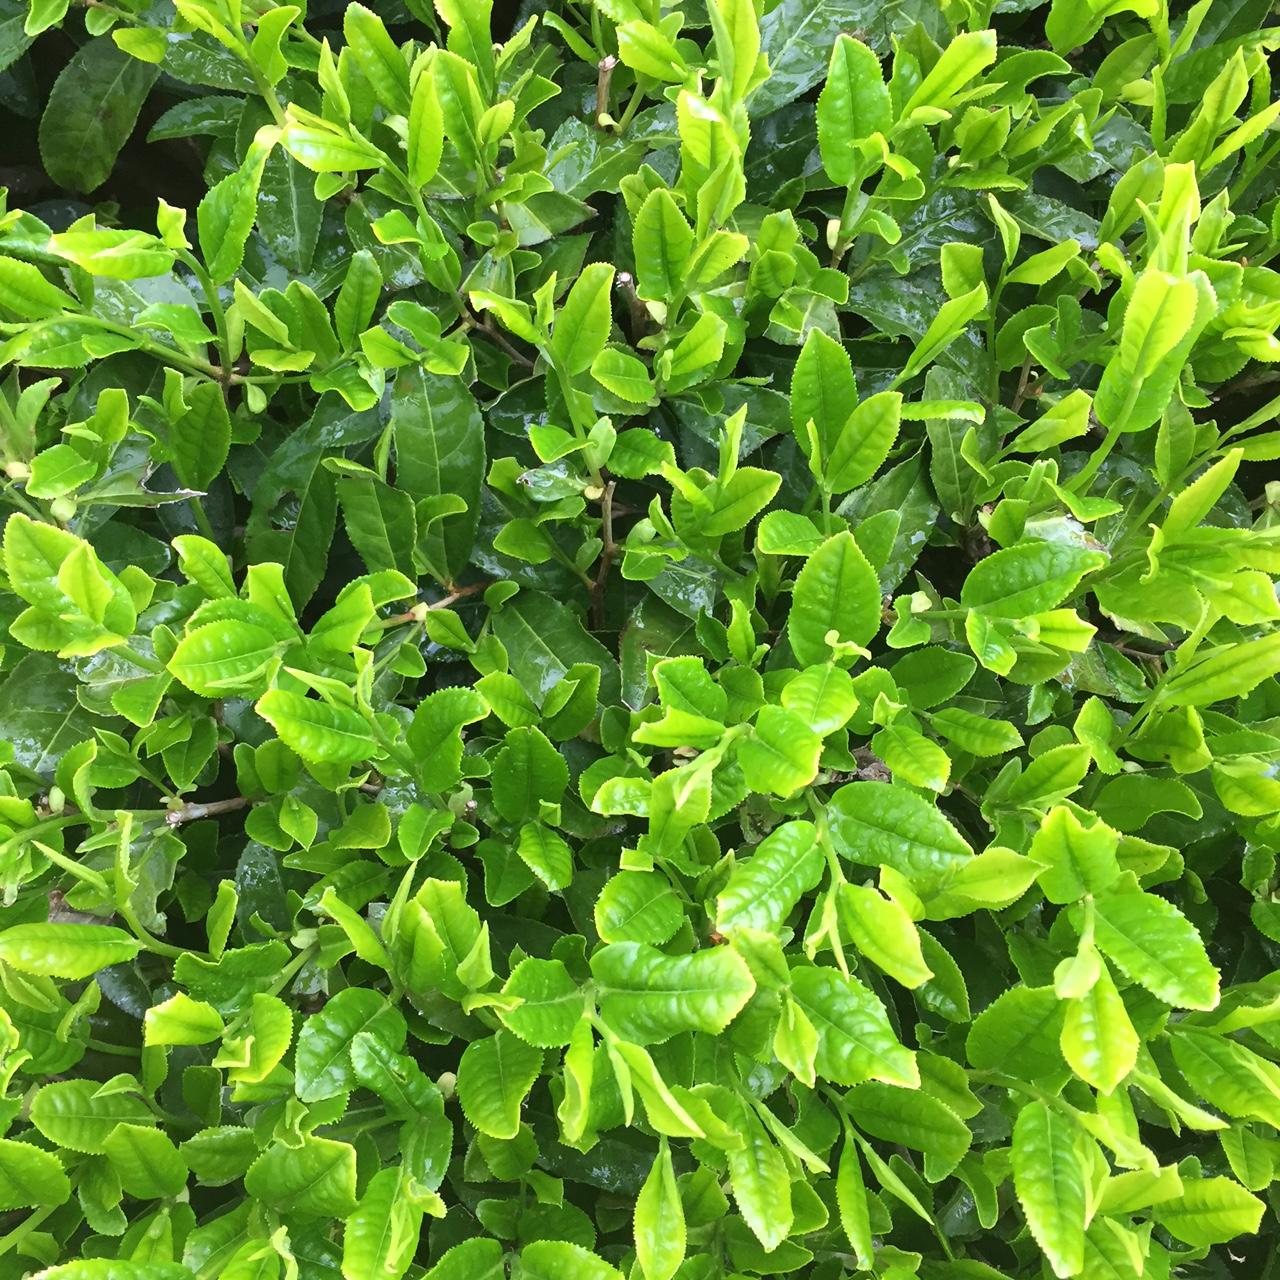 2017年4月26日かごしま緑茶の茶園風景です。品種はヤブキタです。間もなく被せ開始です。